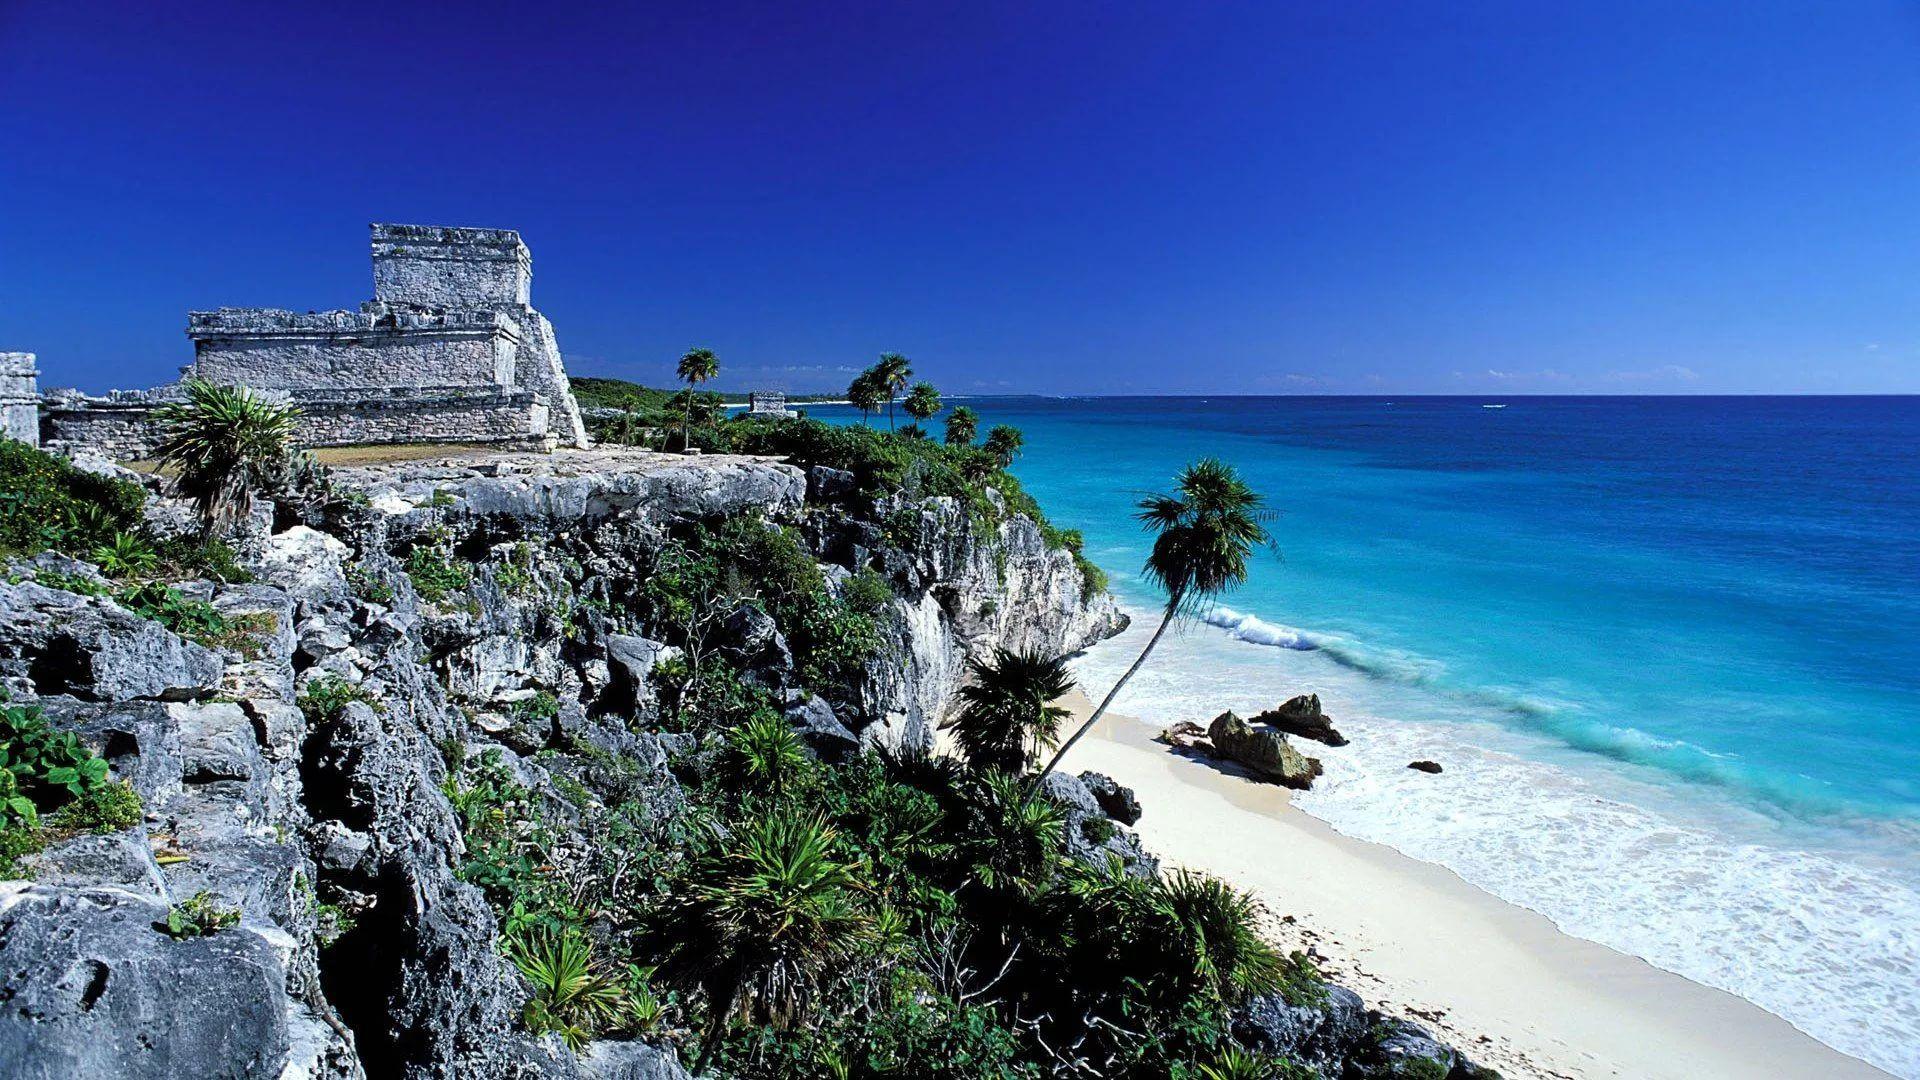 Cancun Mexico laptop wallpaper